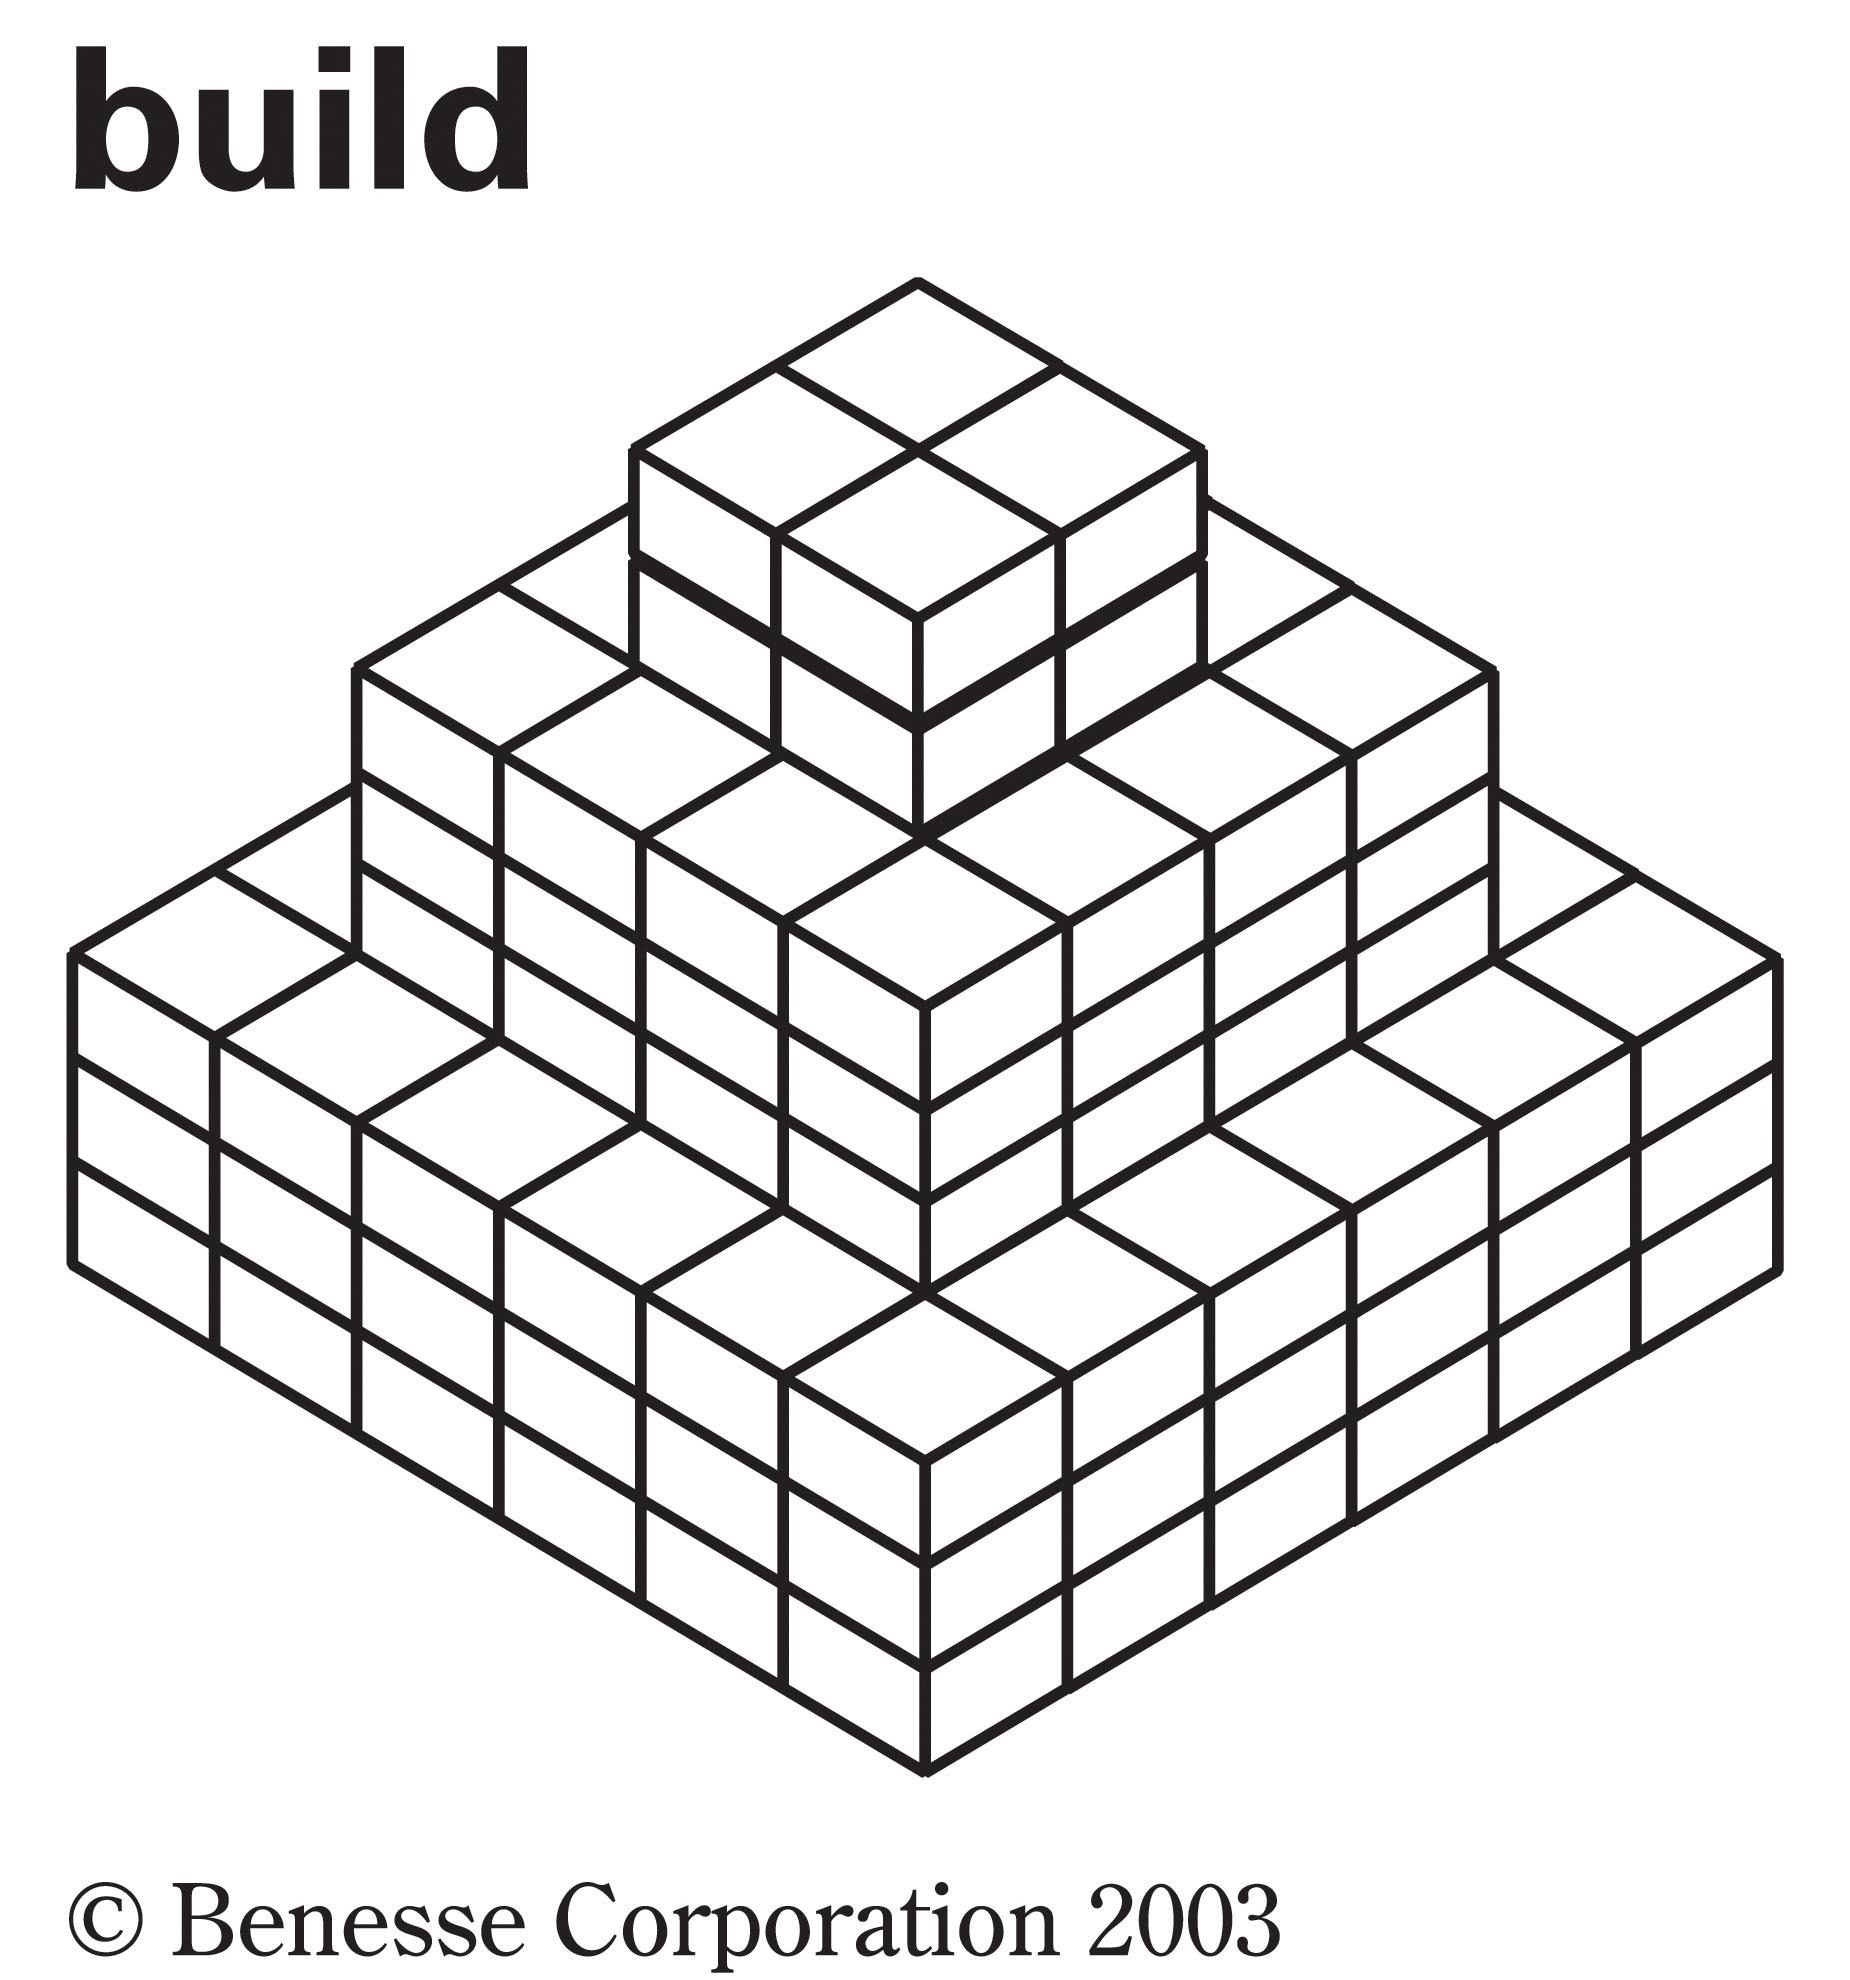 build01.jpg